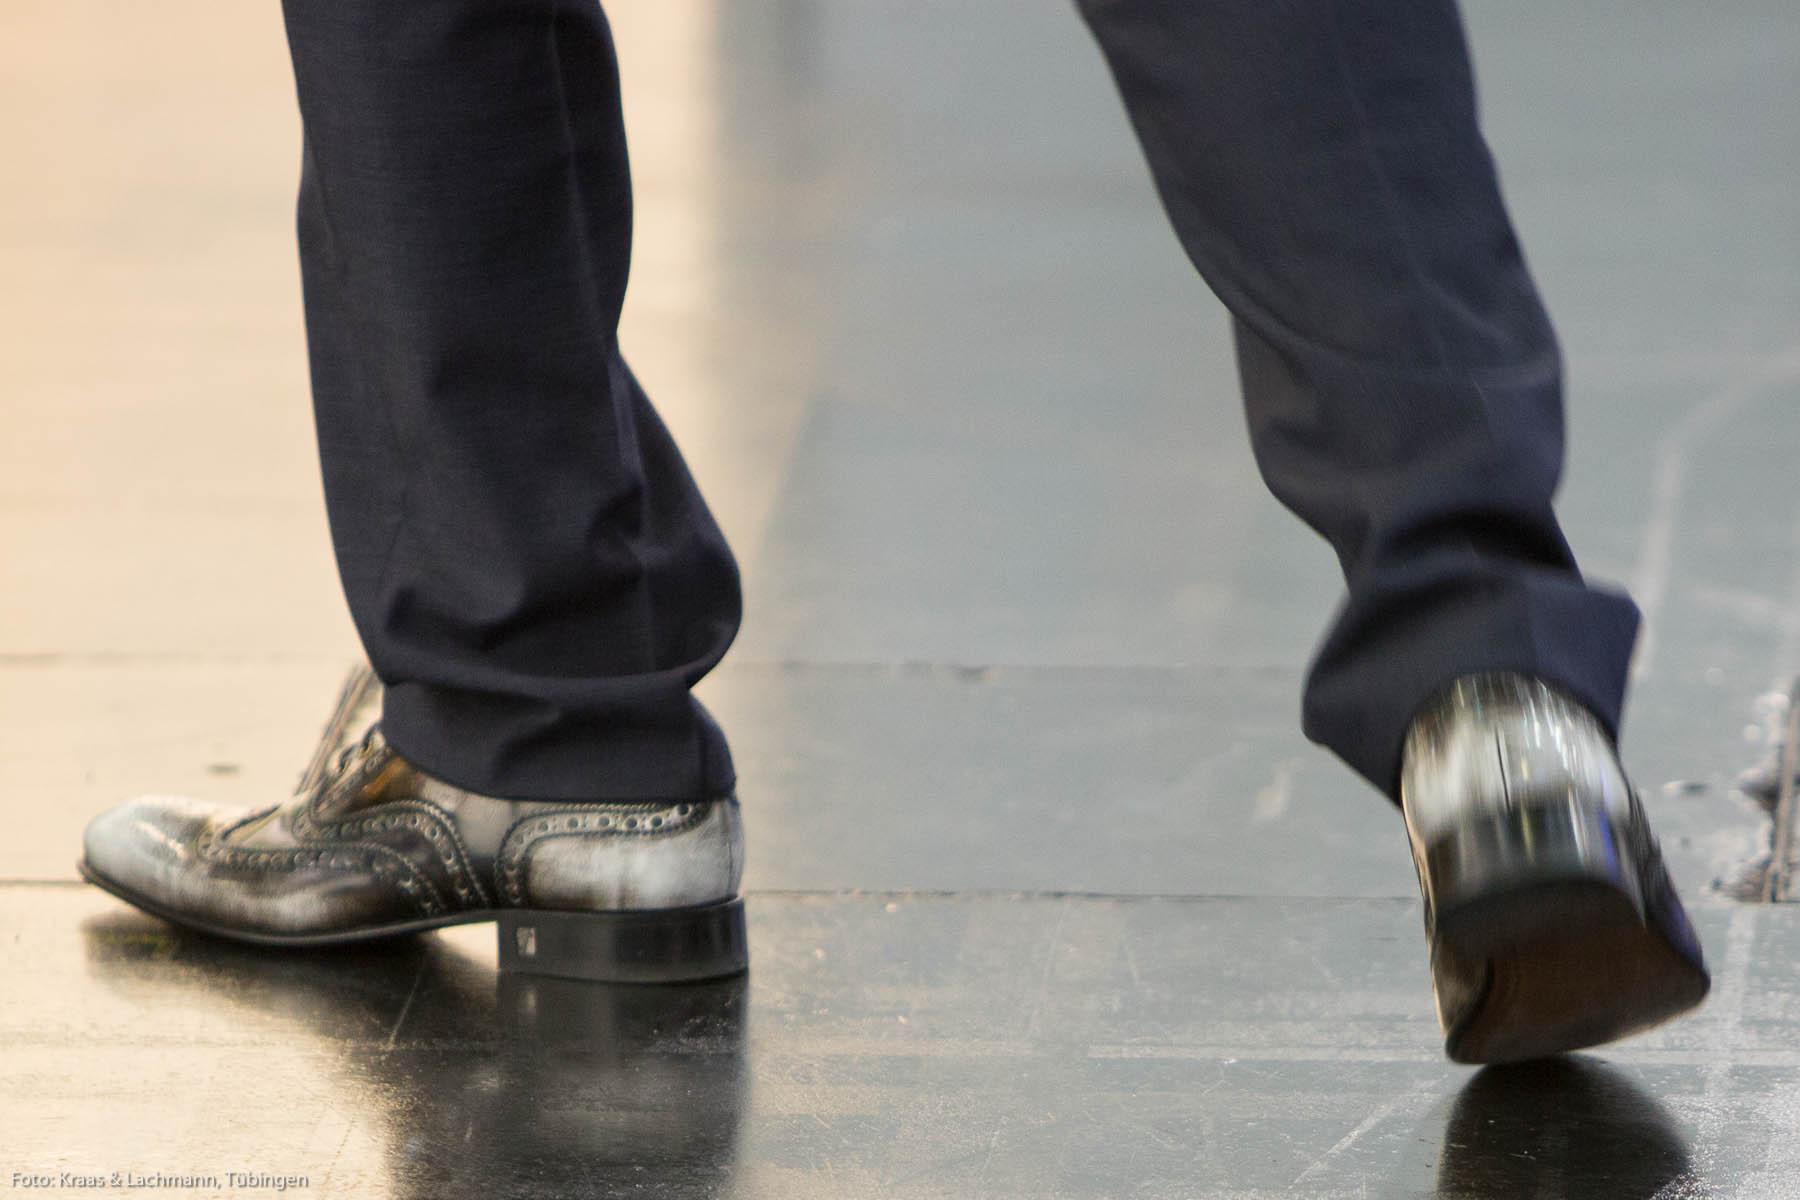 Die Schuhe von Brian Ferry? Weit gefehlt. Hier läuft ein modebewusster Ingenieur durch die Messehallen der GrindTec in Augsburg. Foto: Kraas & Lachmann